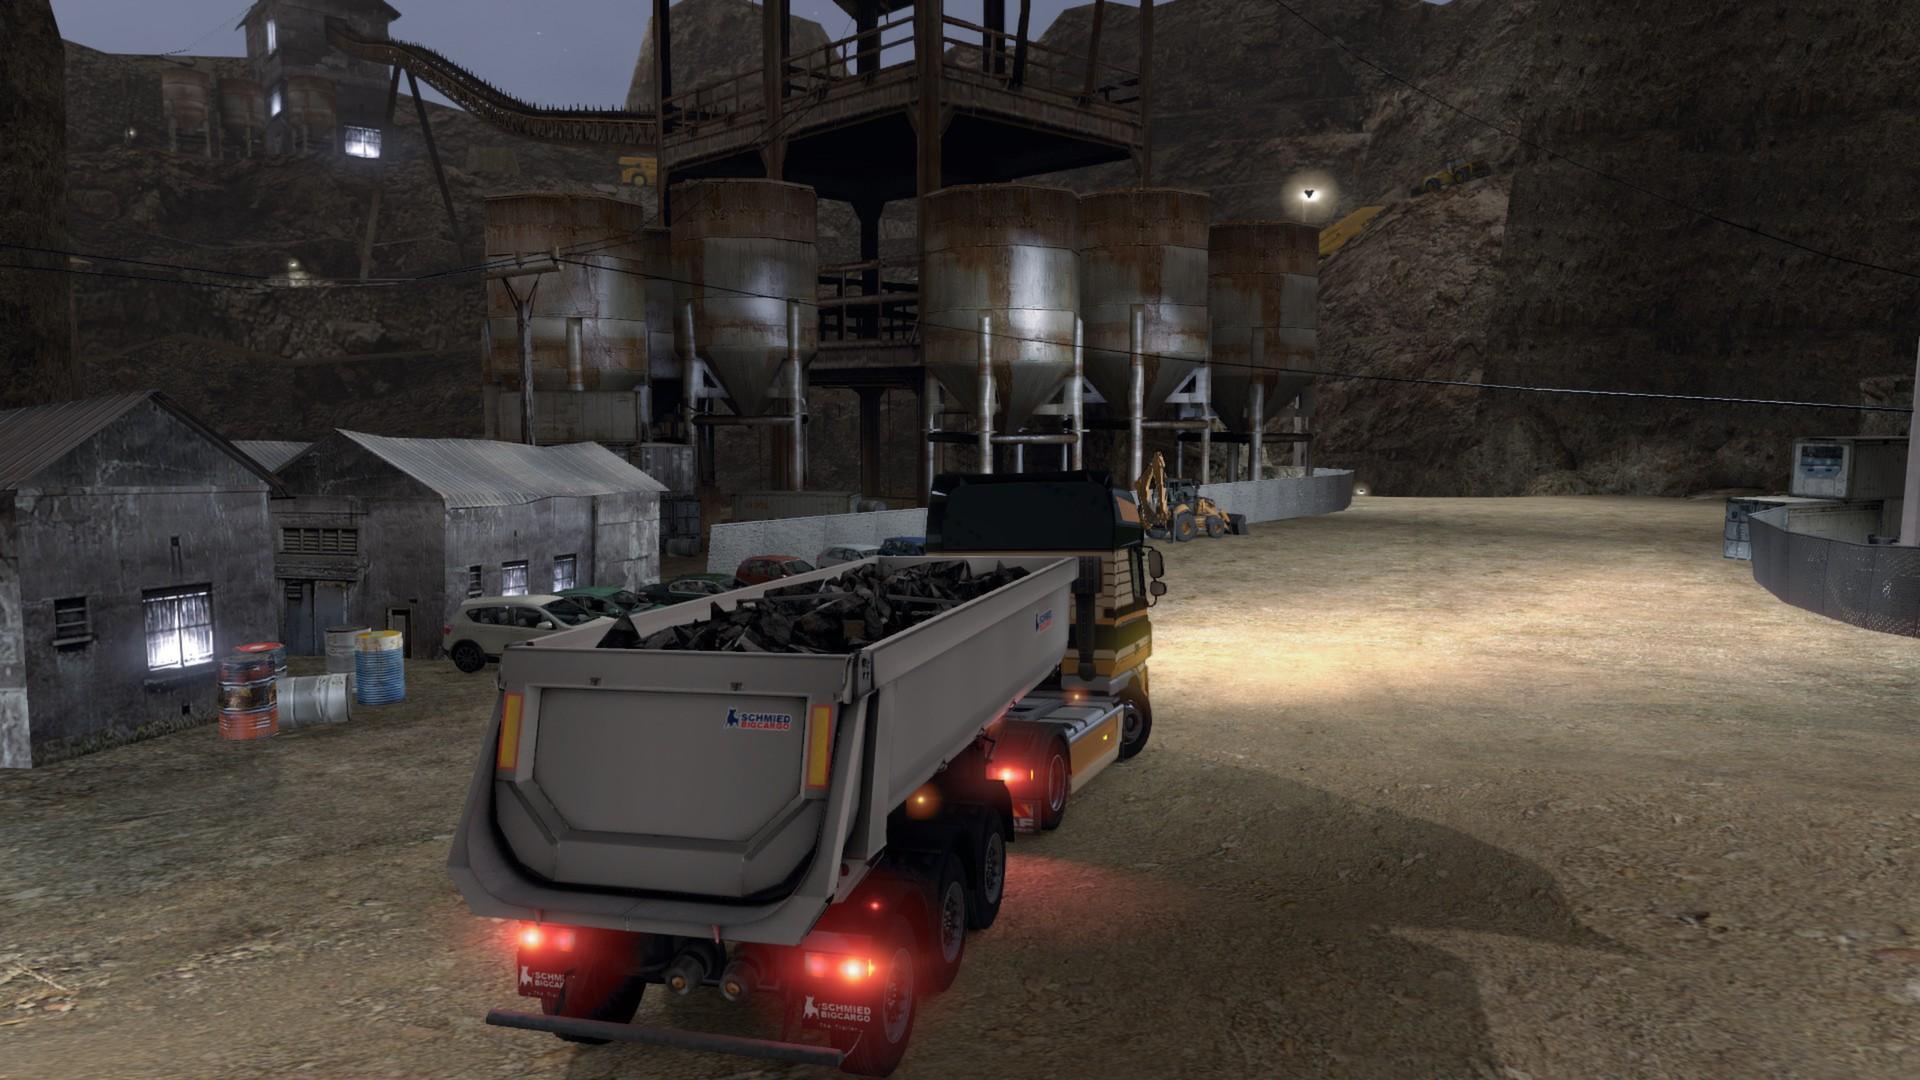 Скачать игру euro truck simulator 2 +56 dlc (+italia) бесплатно.